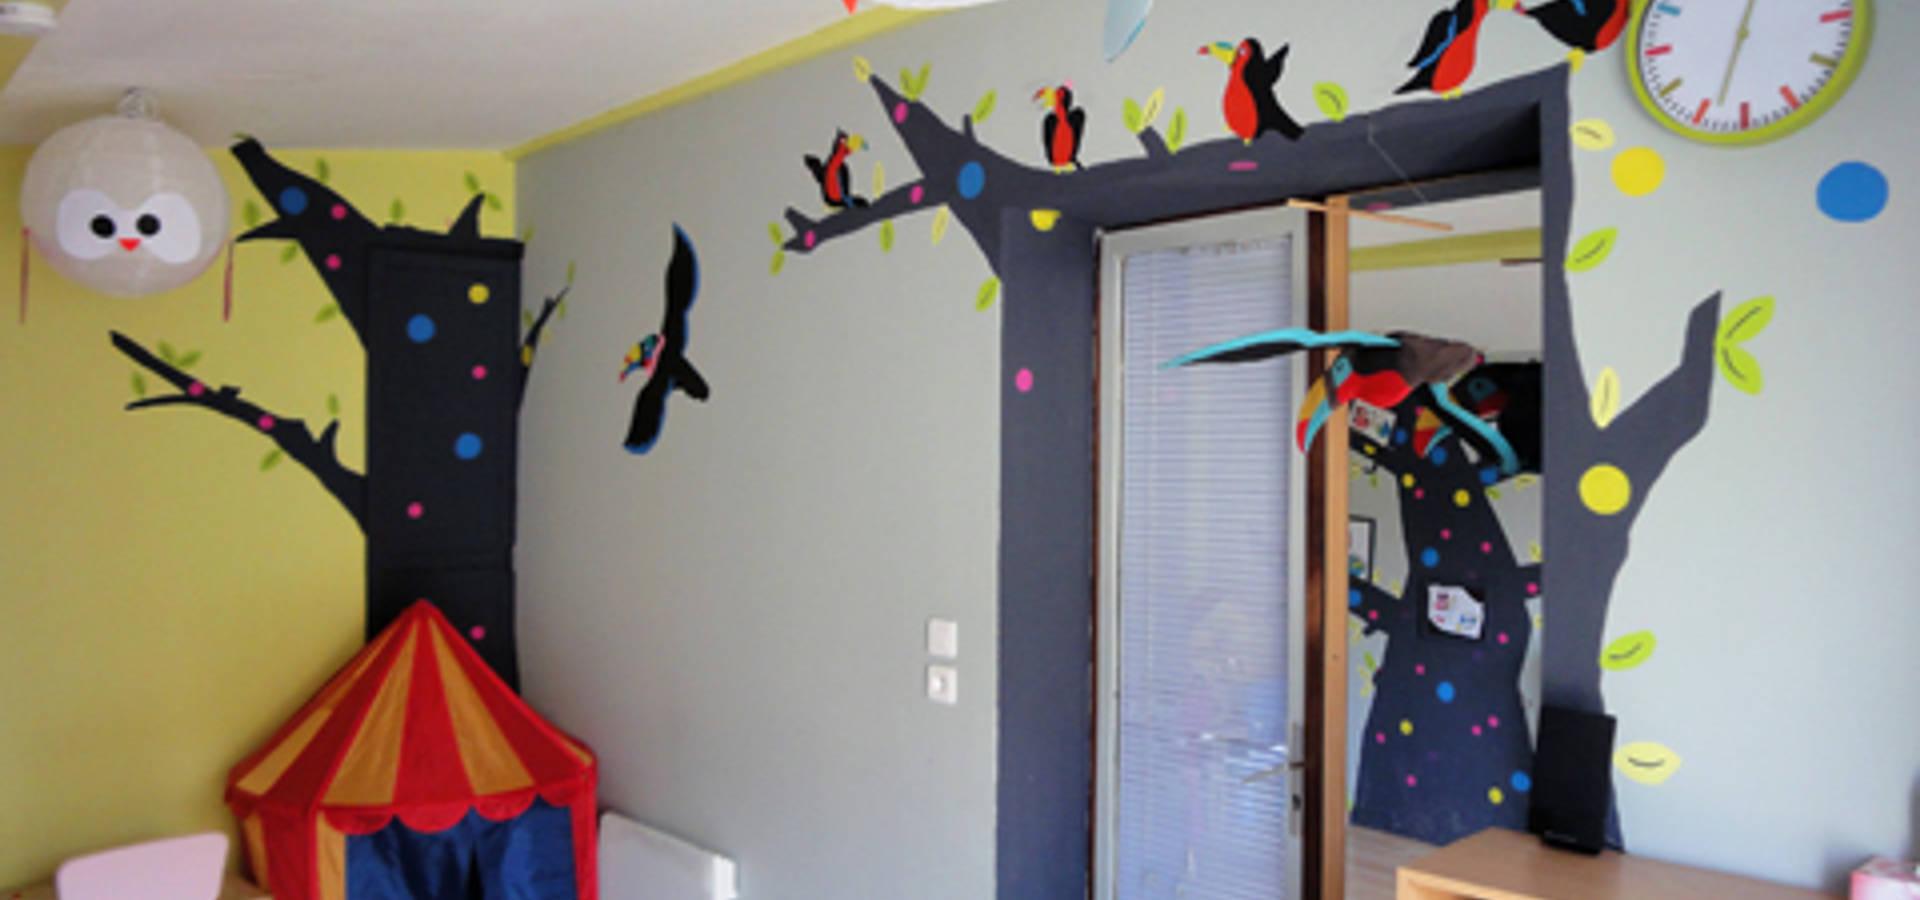 Peinture murale d coration chambre d 39 enfant le petit prince en origami de pigment des - Decoration chambre peinture murale ...